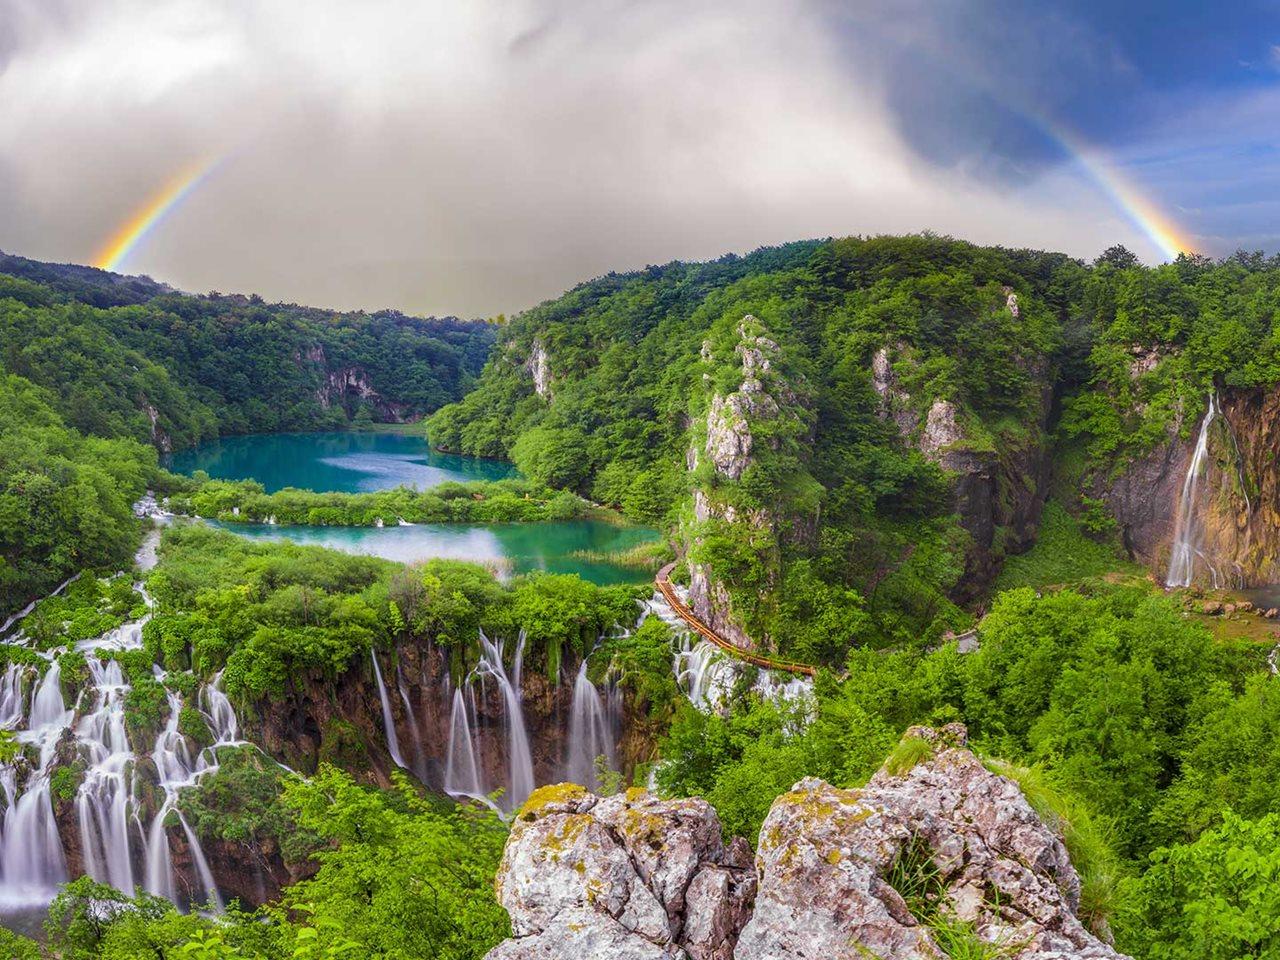 Excursiereis 10 dagen Kroatië, Opatija, Plitvice en Postojna